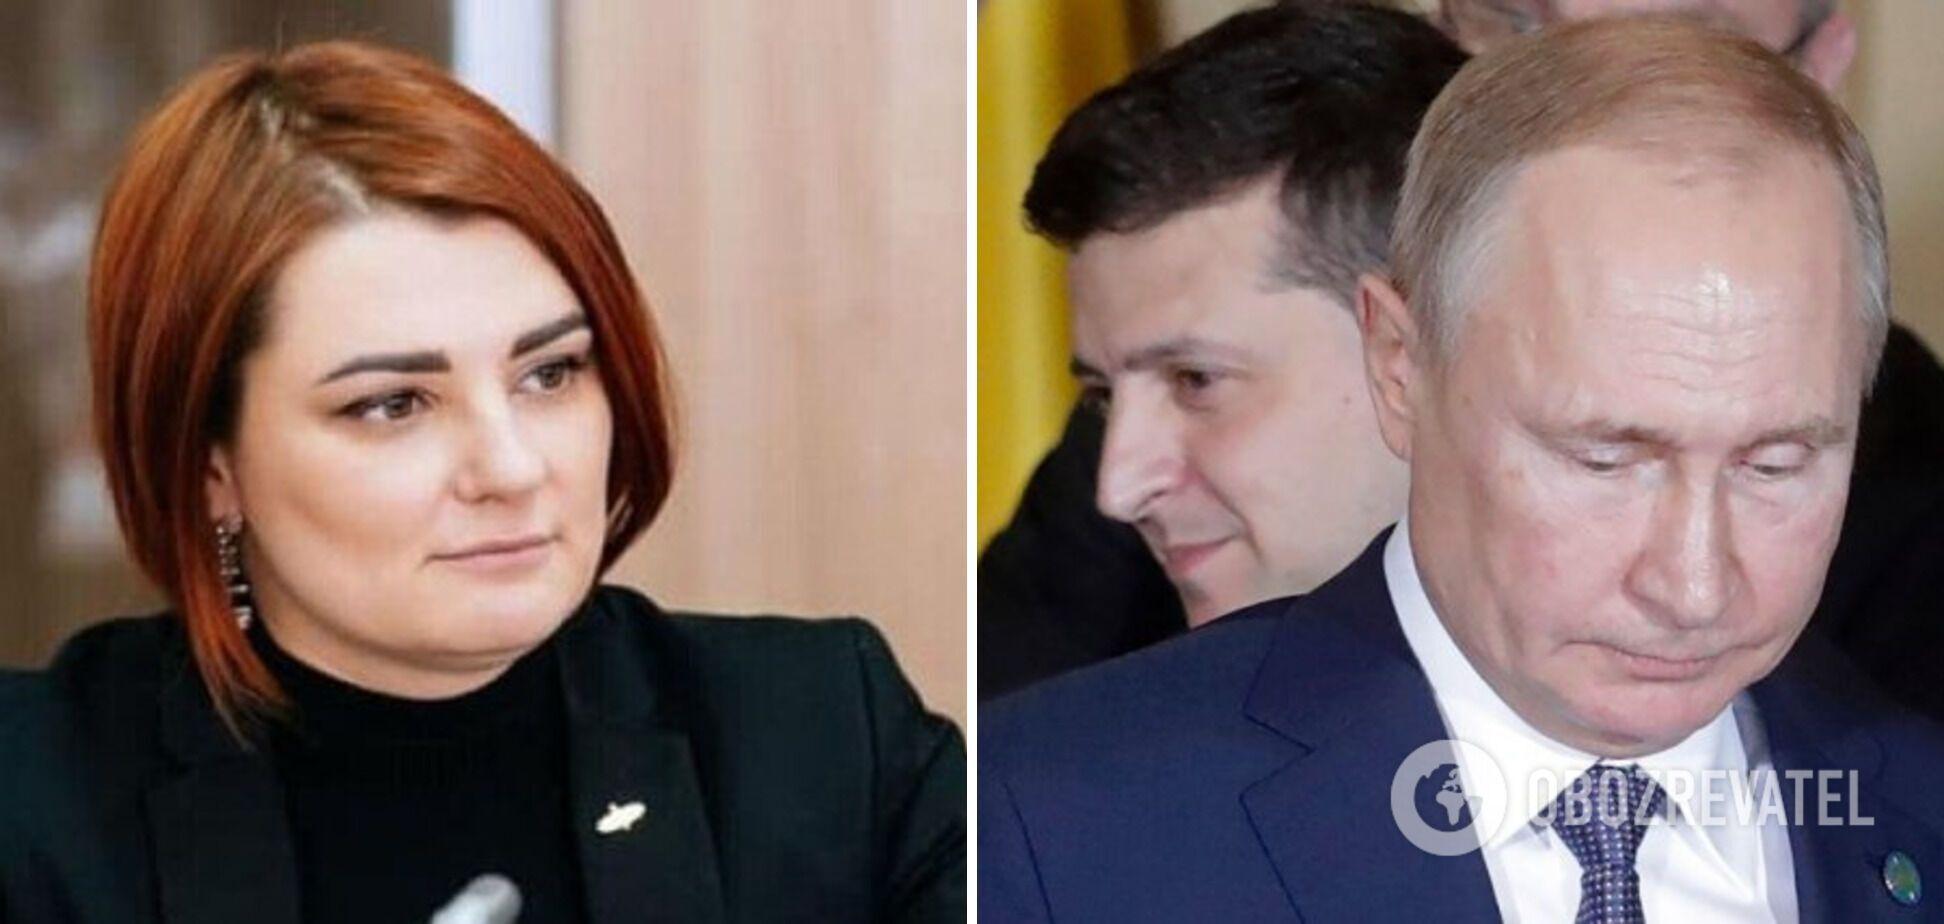 'Слуги' изгнали Буймистер за критику желания Зеленского встретиться с Путиным?